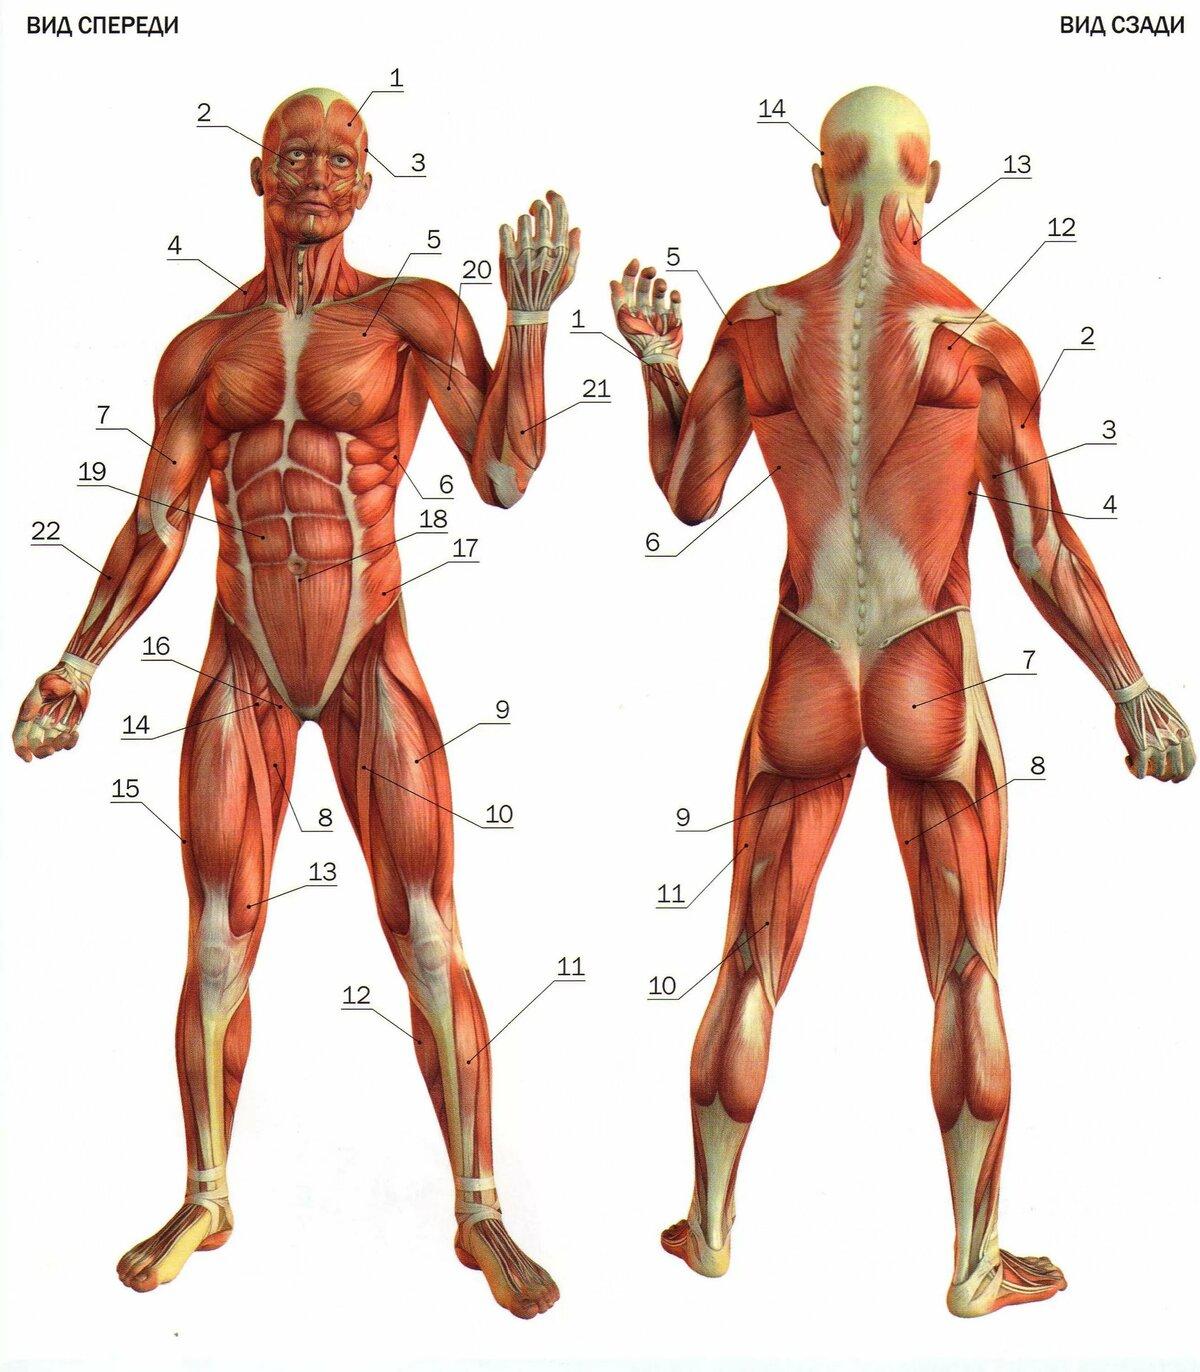 Анатомия картинки мышцы